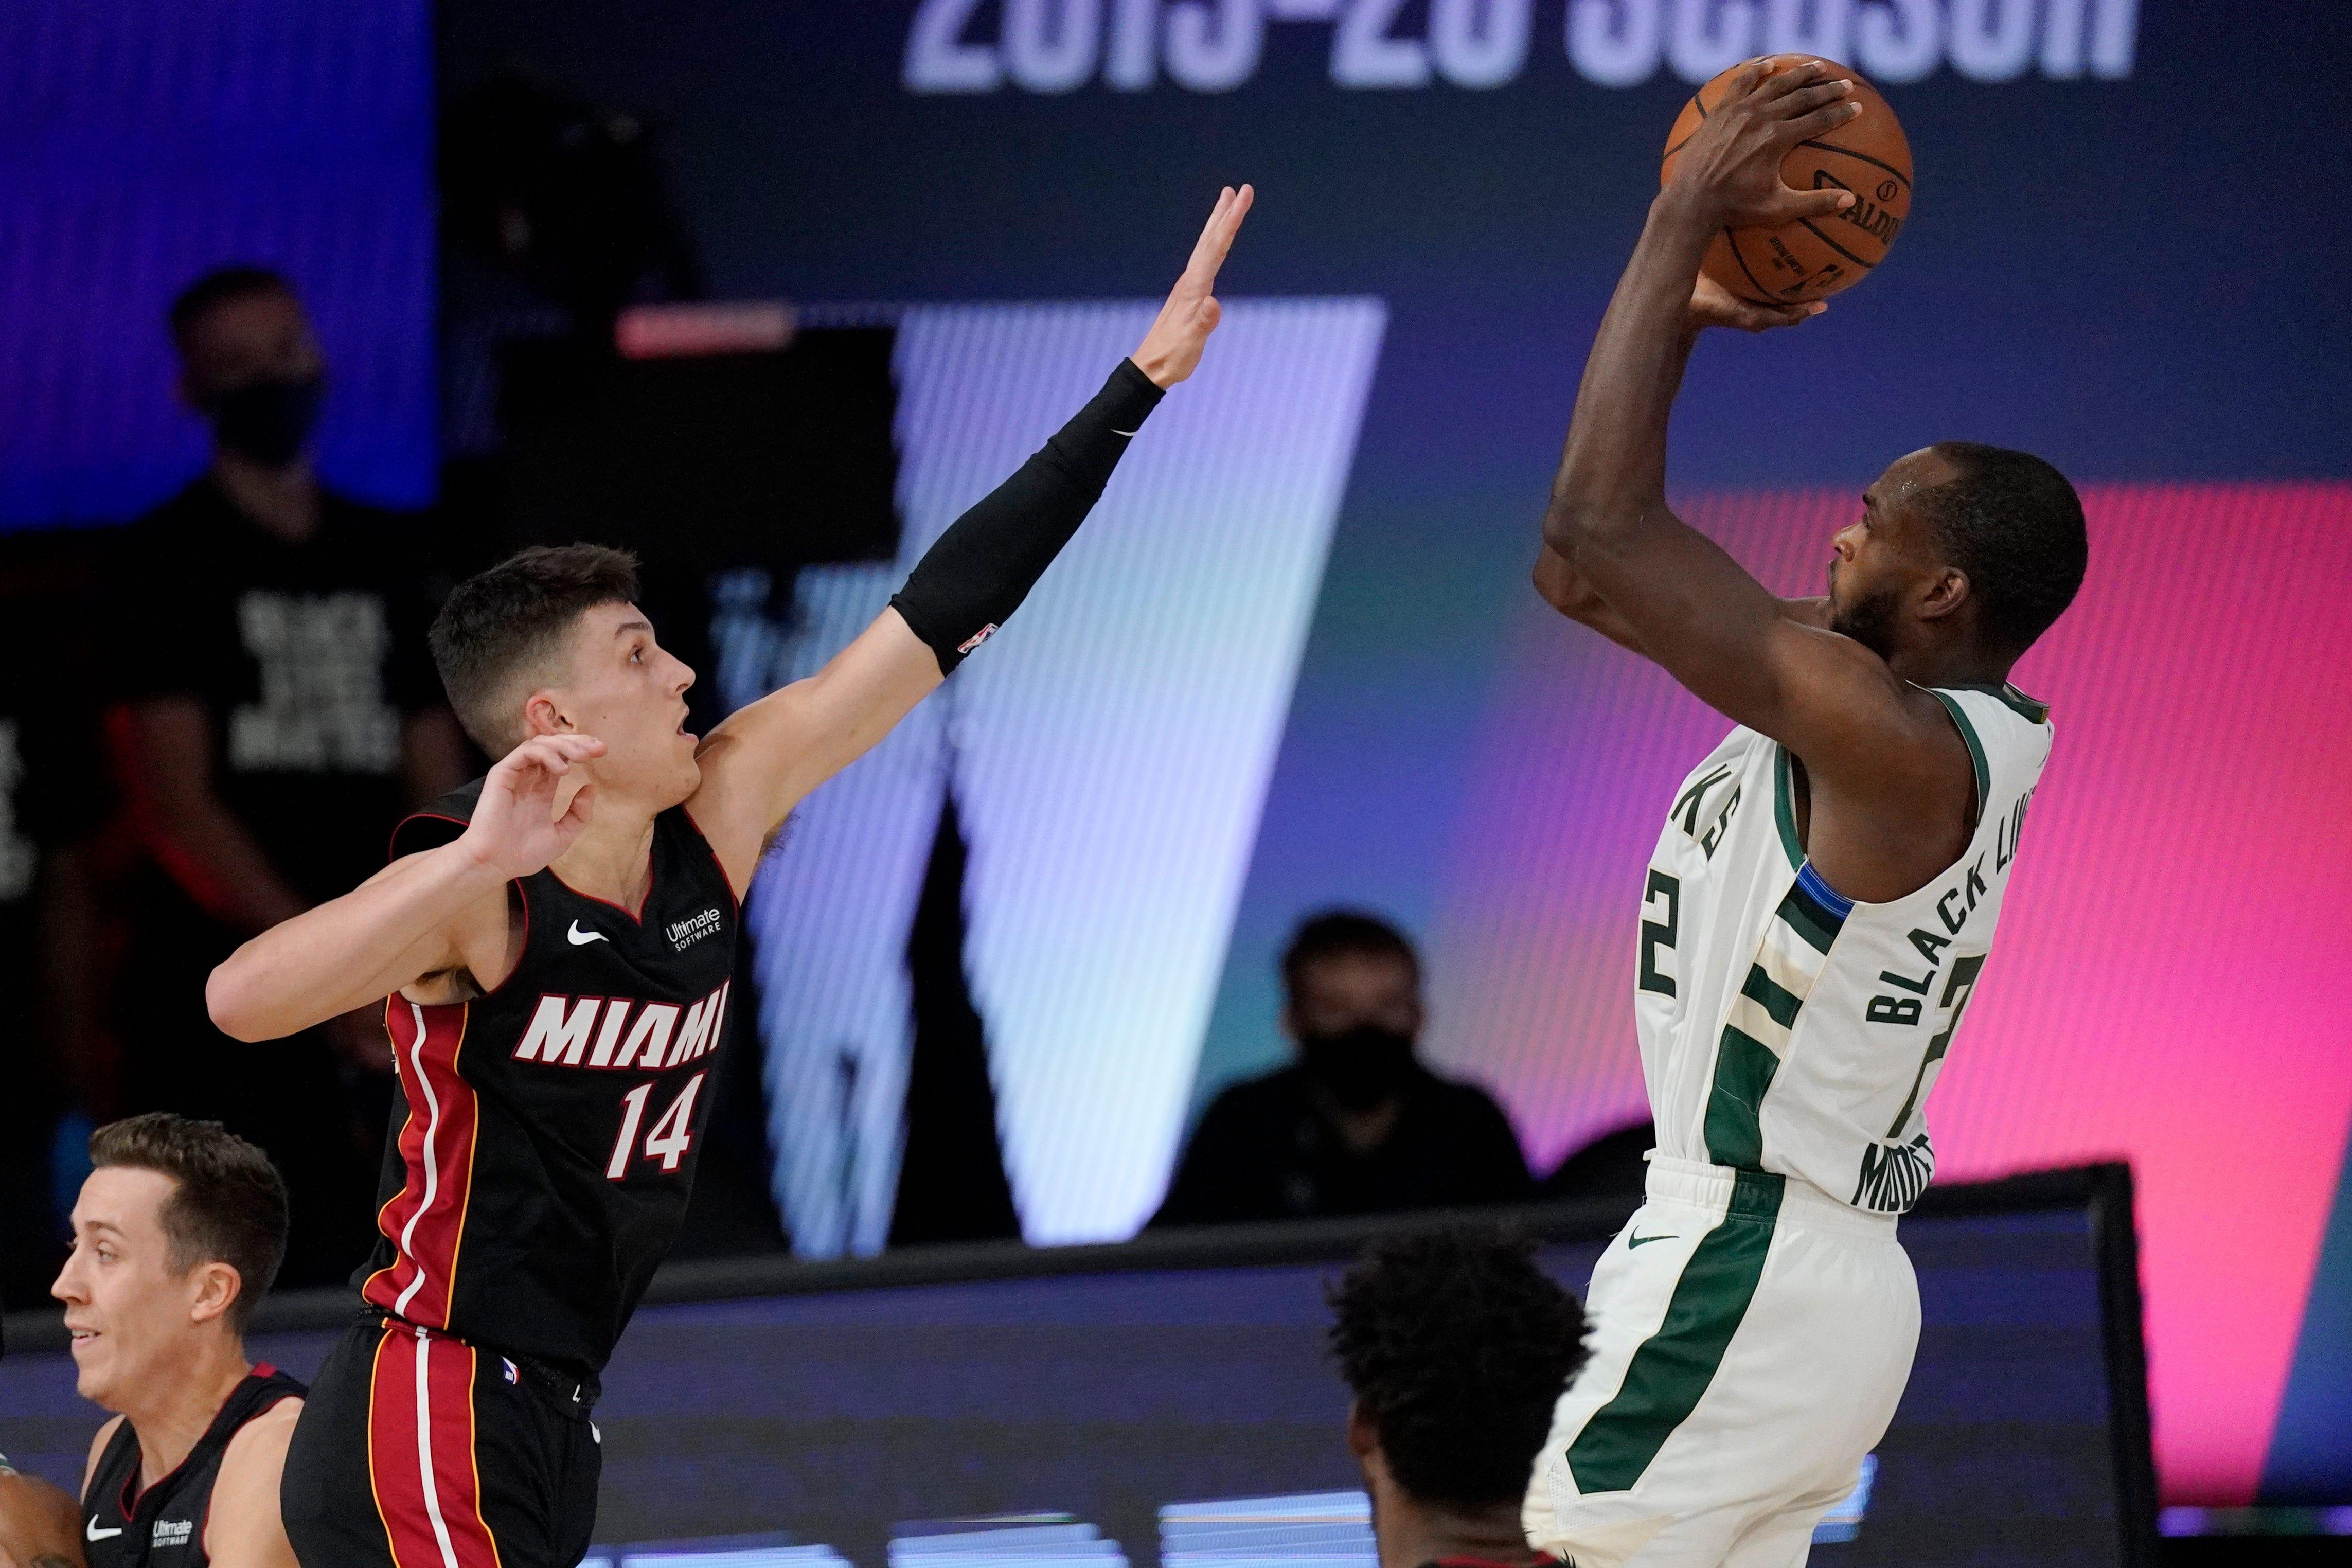 Live coverage: Bucks vs. Heat in Game 4